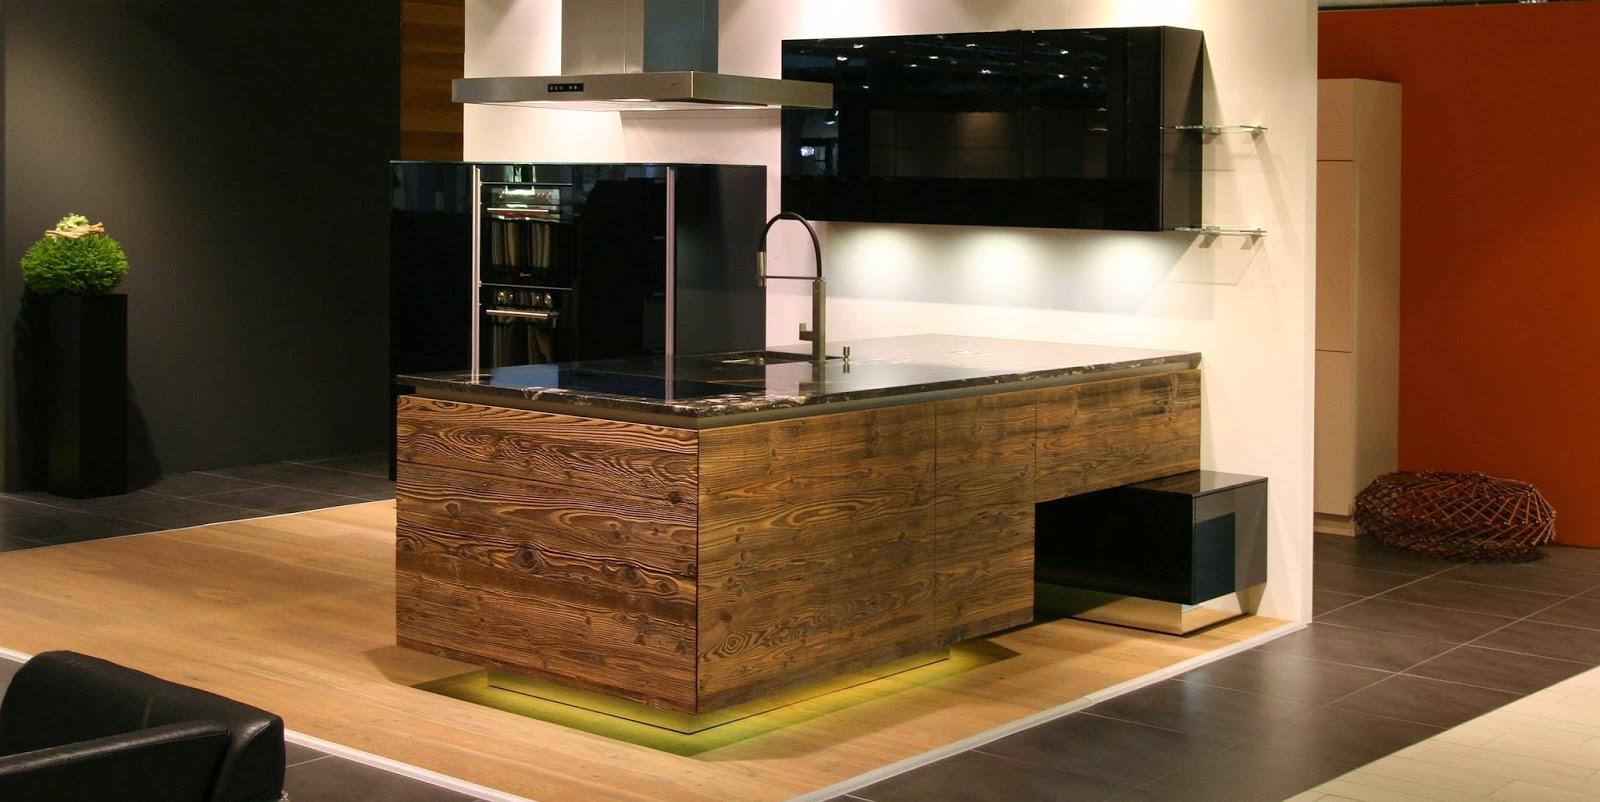 k chenblog k che mit altholz. Black Bedroom Furniture Sets. Home Design Ideas